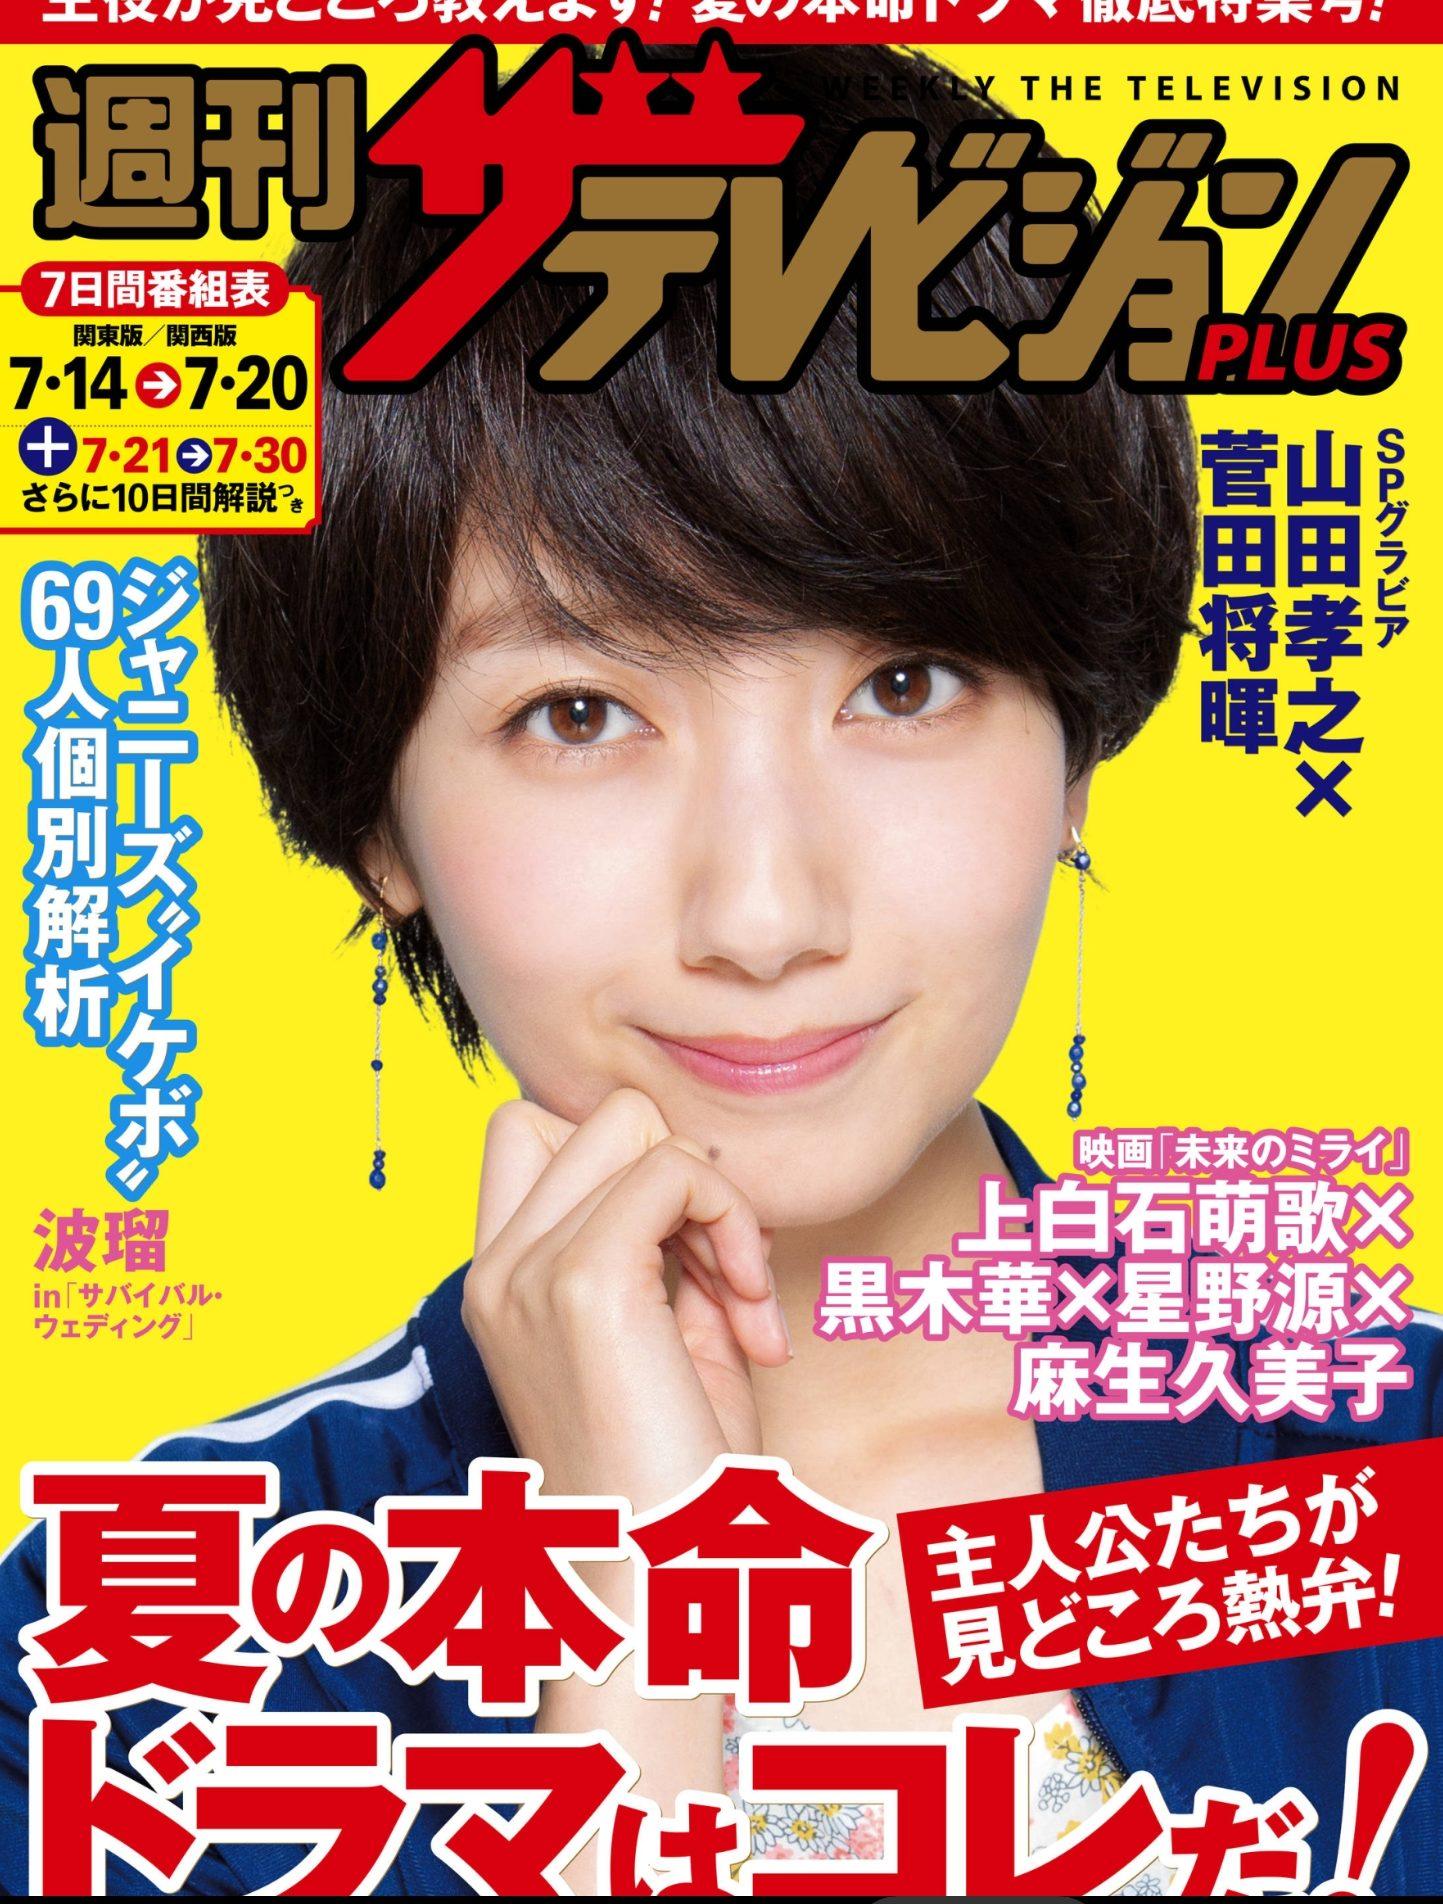 『週刊ザ・テレビジョン』2018.7.20号表紙